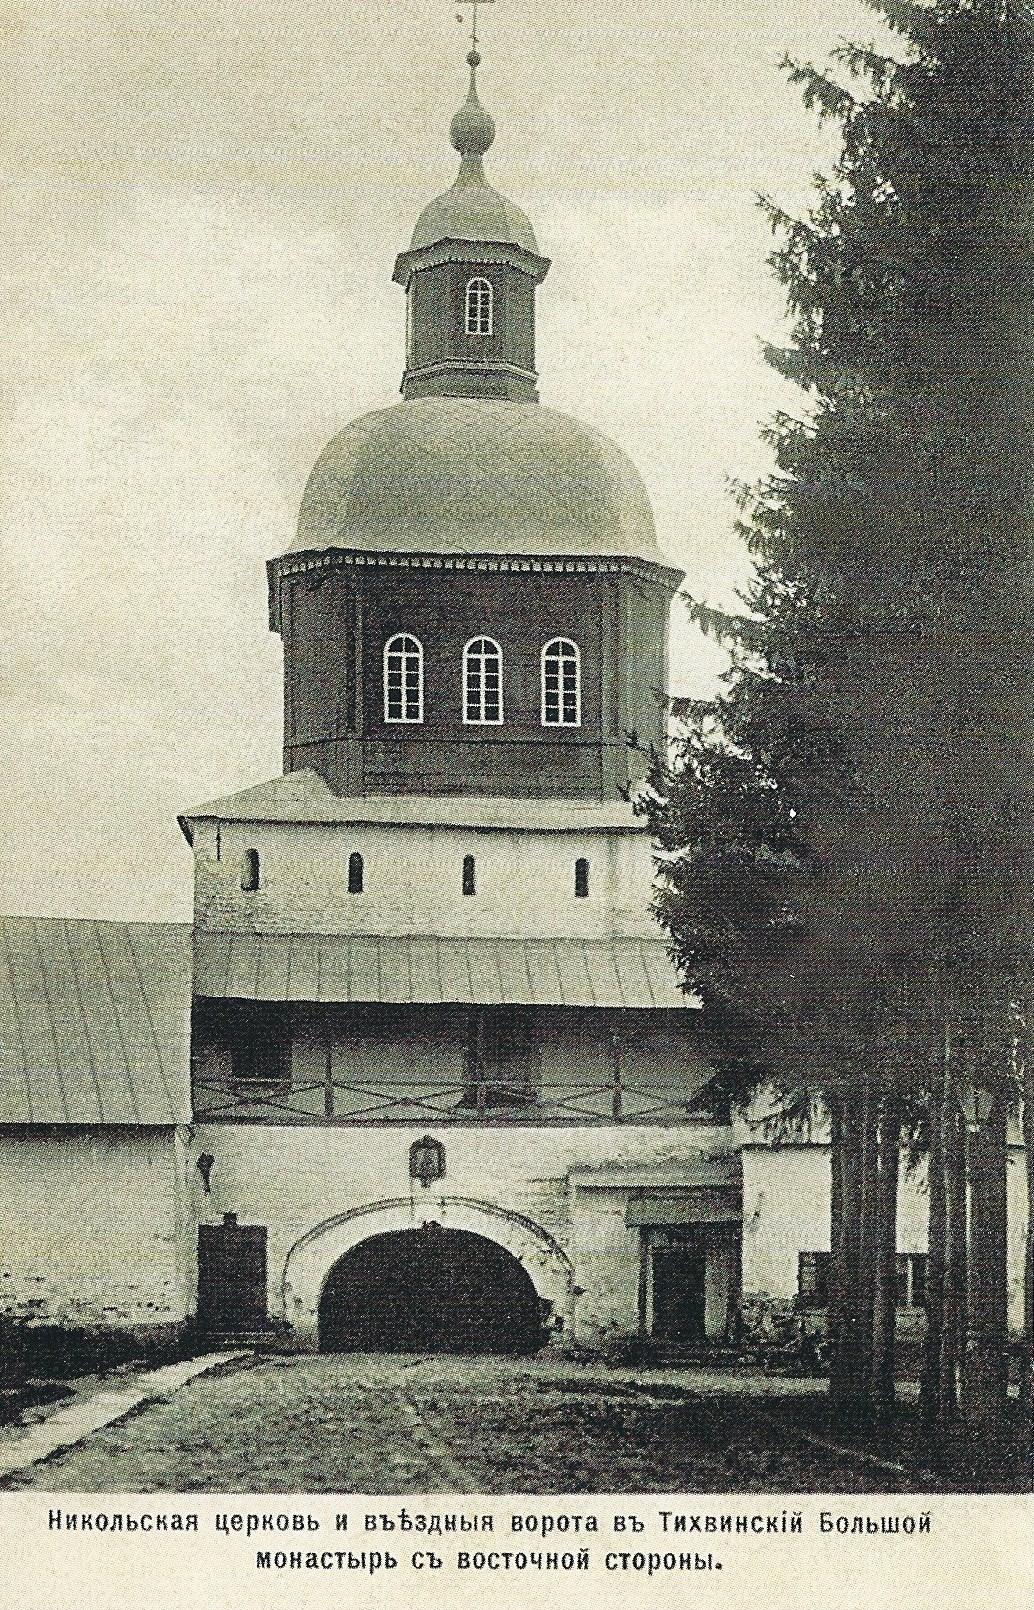 Никольская церковь и въездные ворота в монастырь с восточной стороны